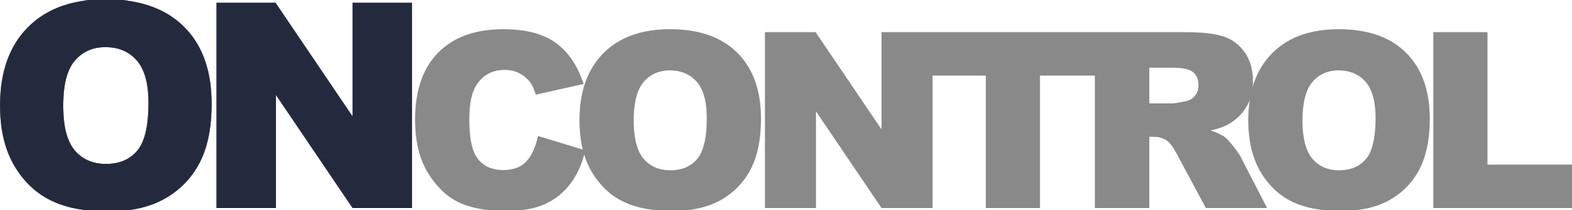 ONcontrol_logo.jpg